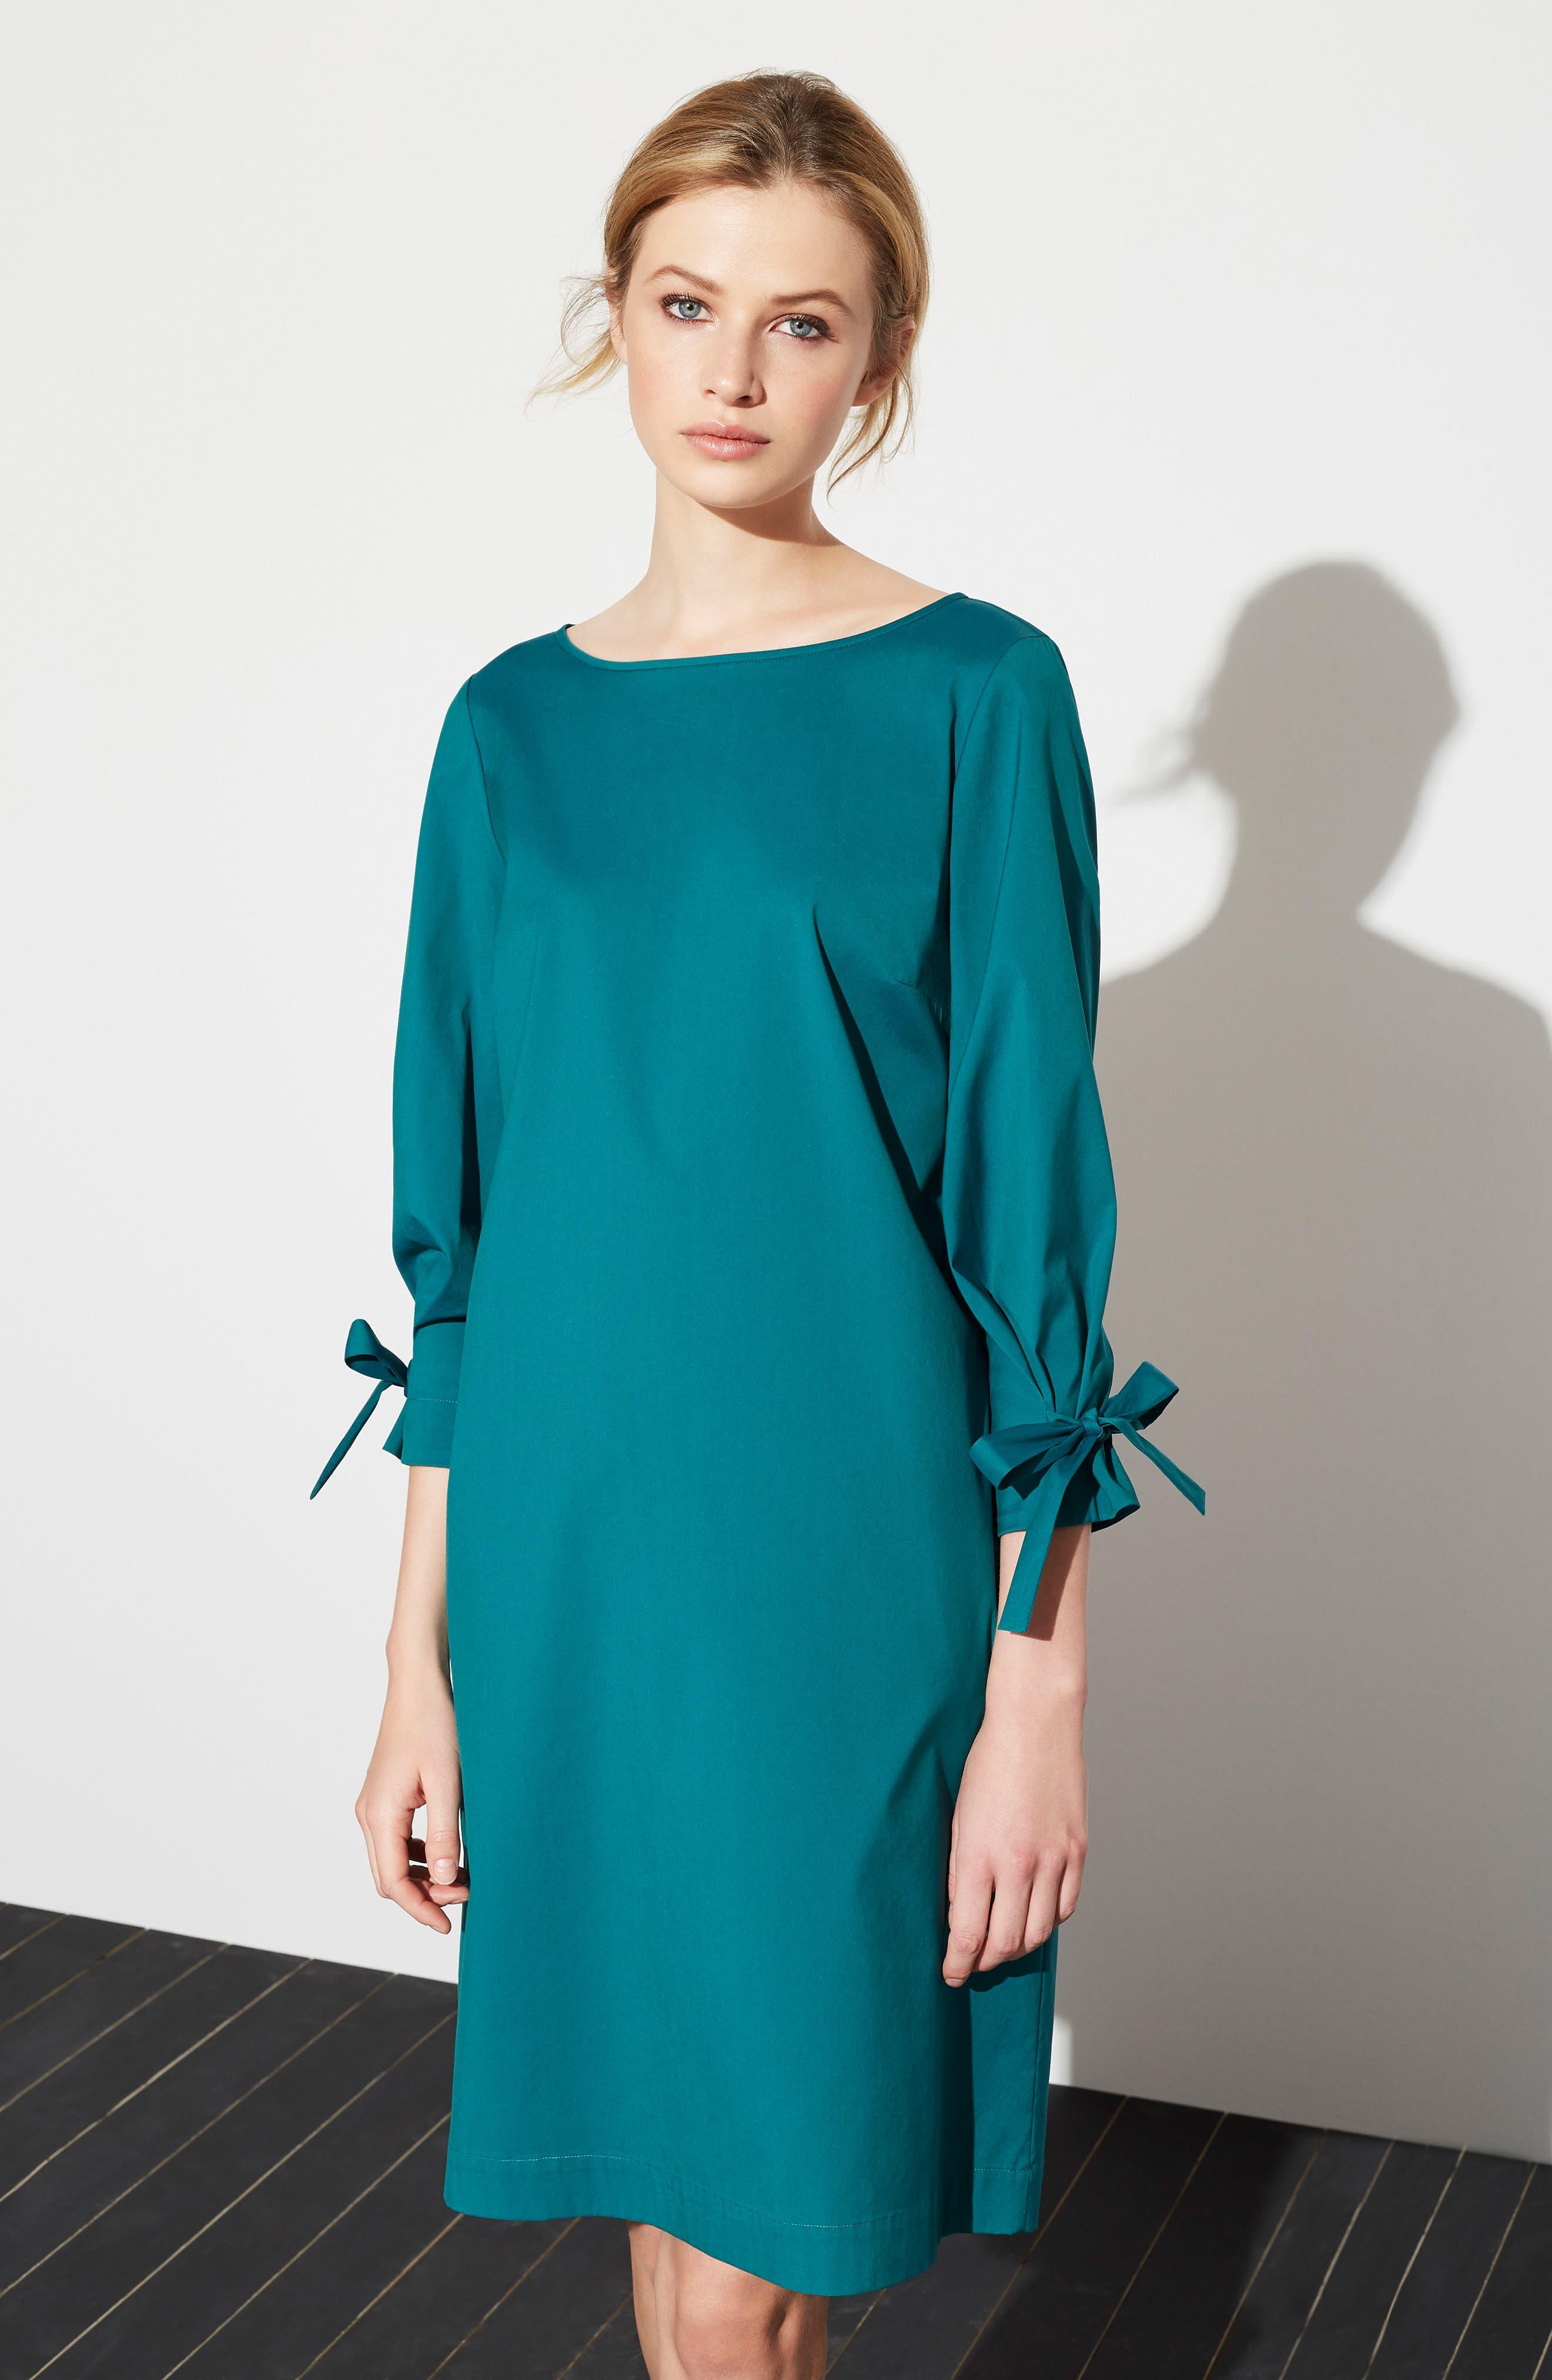 Paige Cotton Blend Dress,                             Alternate thumbnail 4, color,                             ATLANTIC TEAL